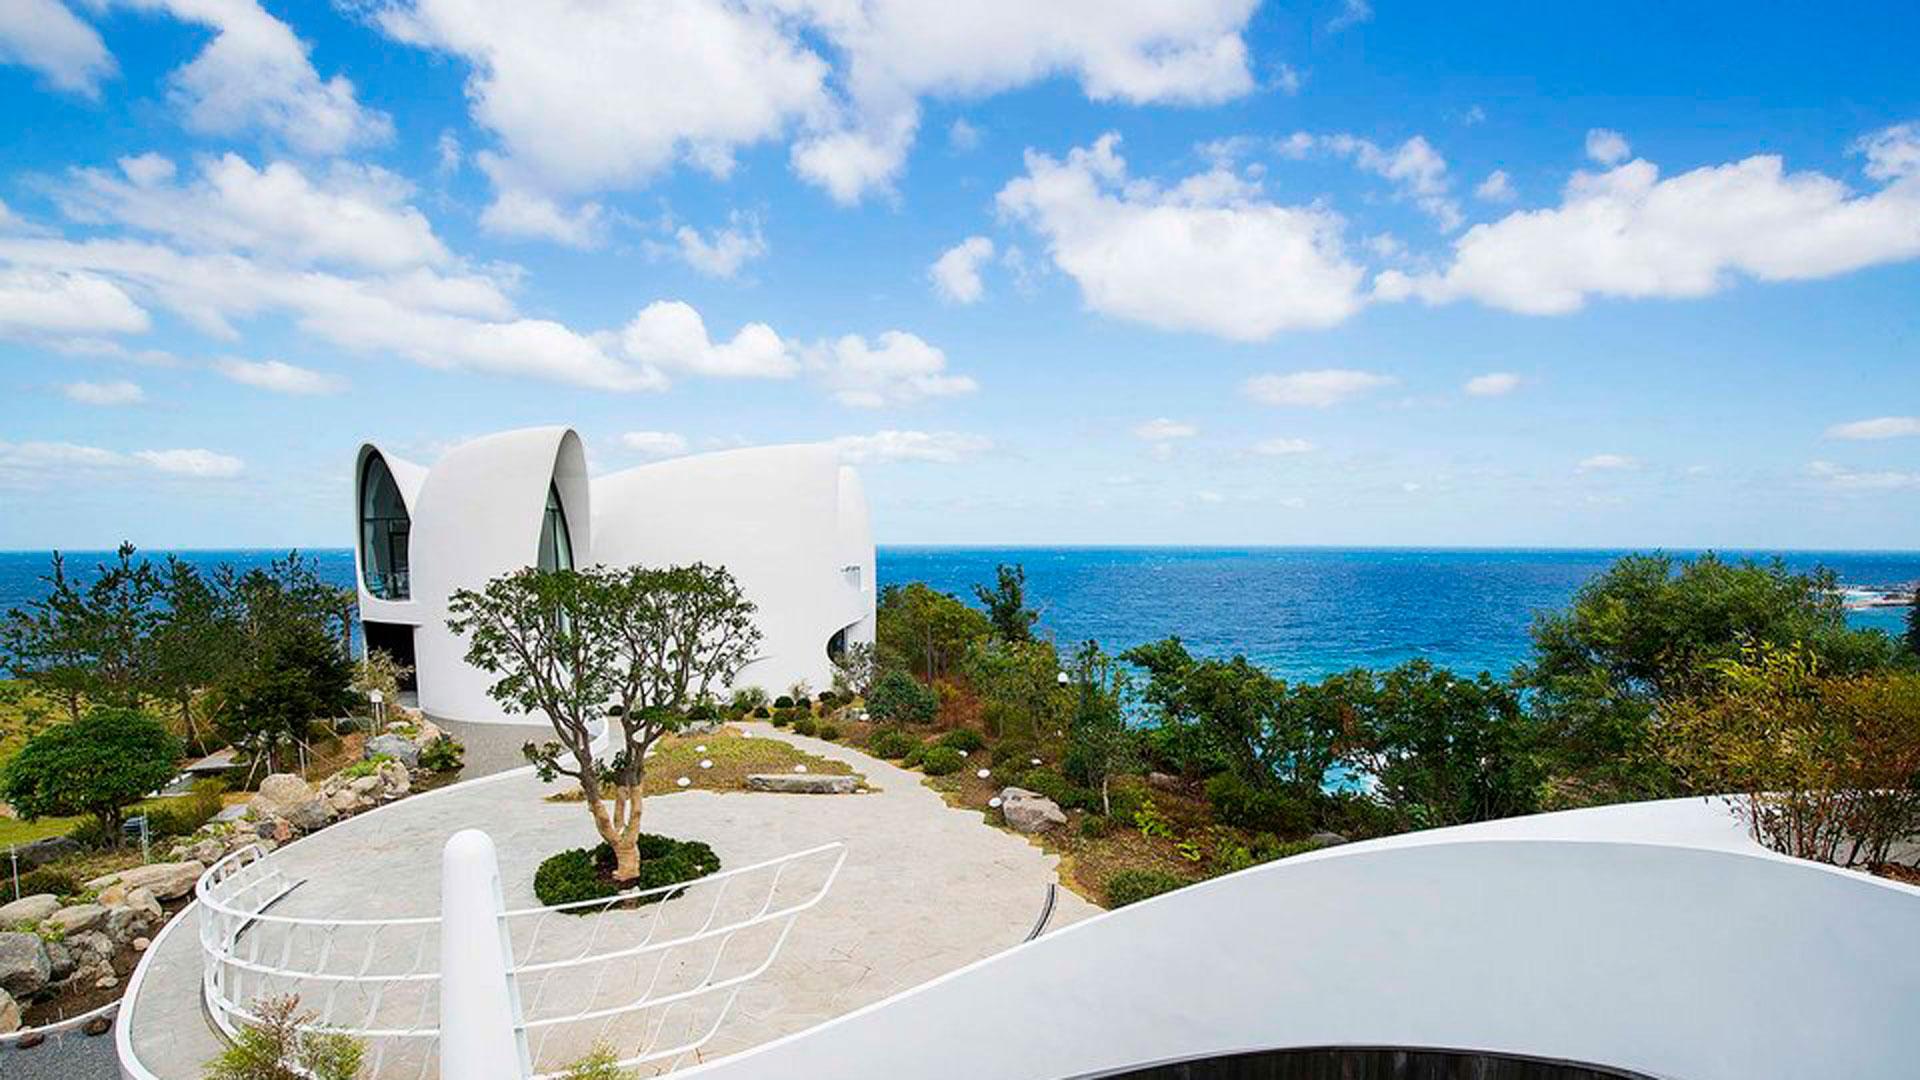 Imagen del hotel Villa Kosmos en Corea